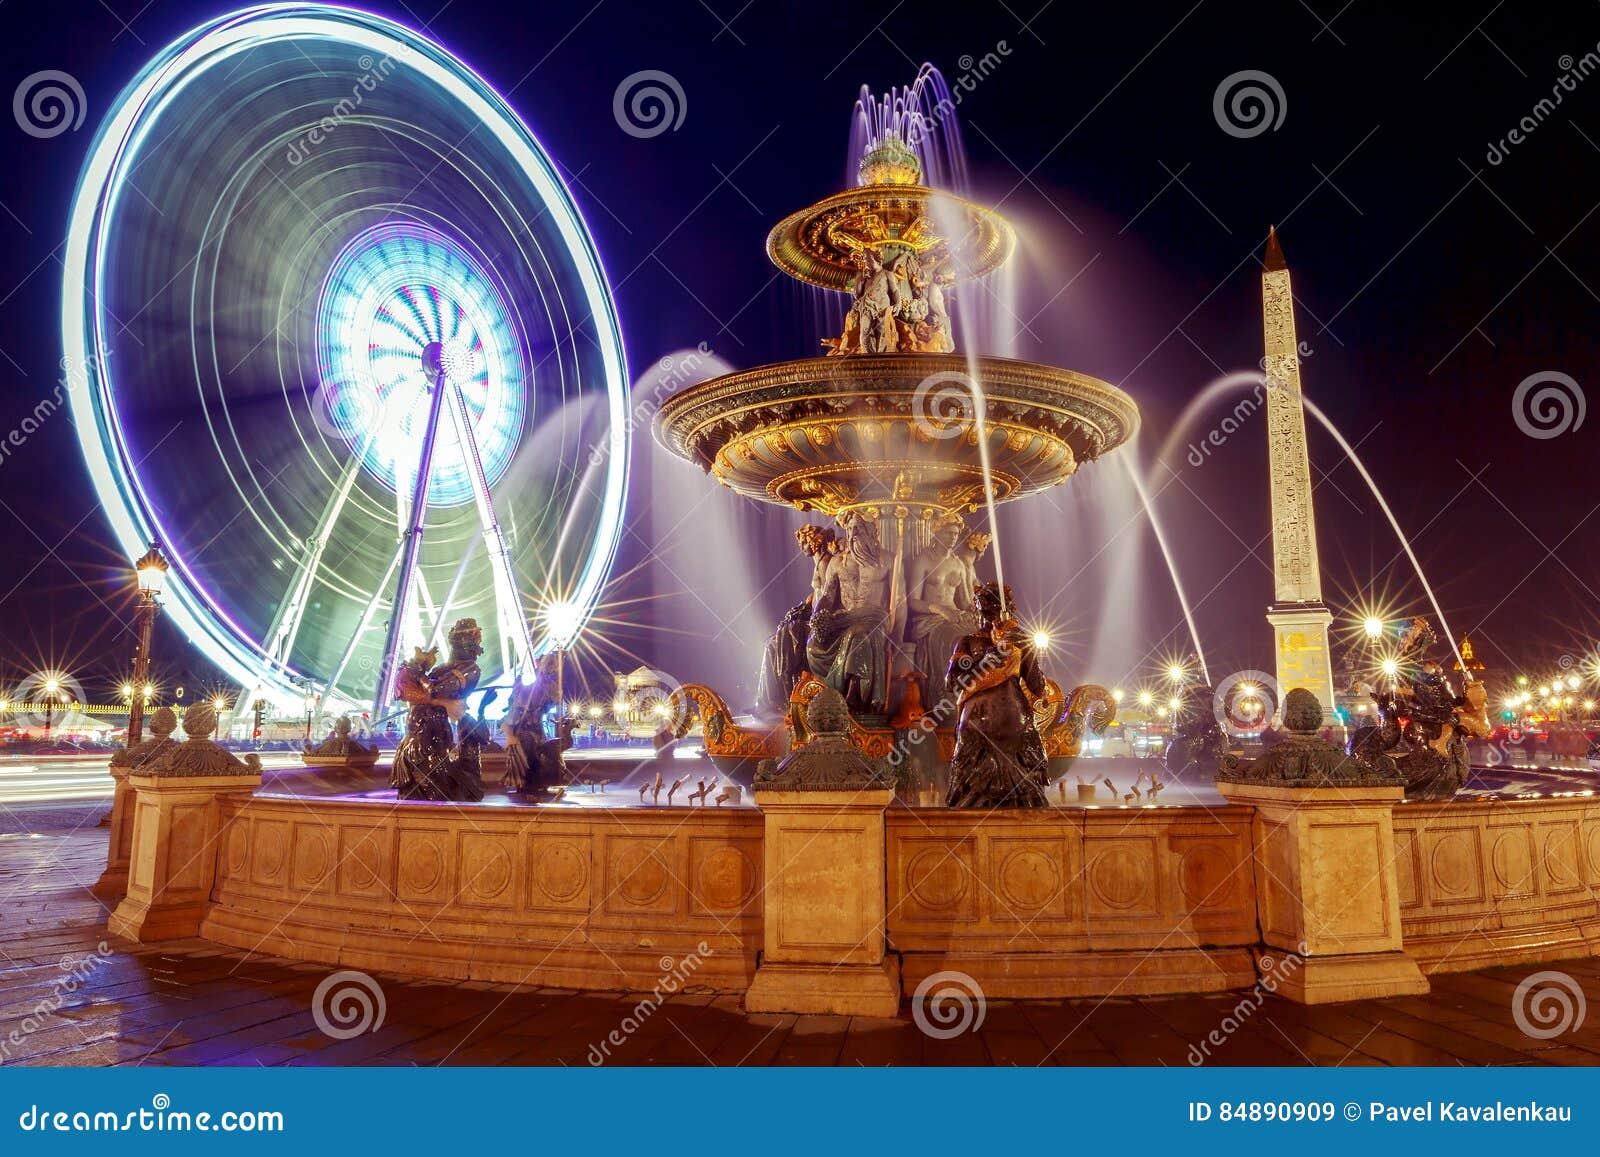 Plaza De La Concordia paris. place de la concorde at night. stock image - image of